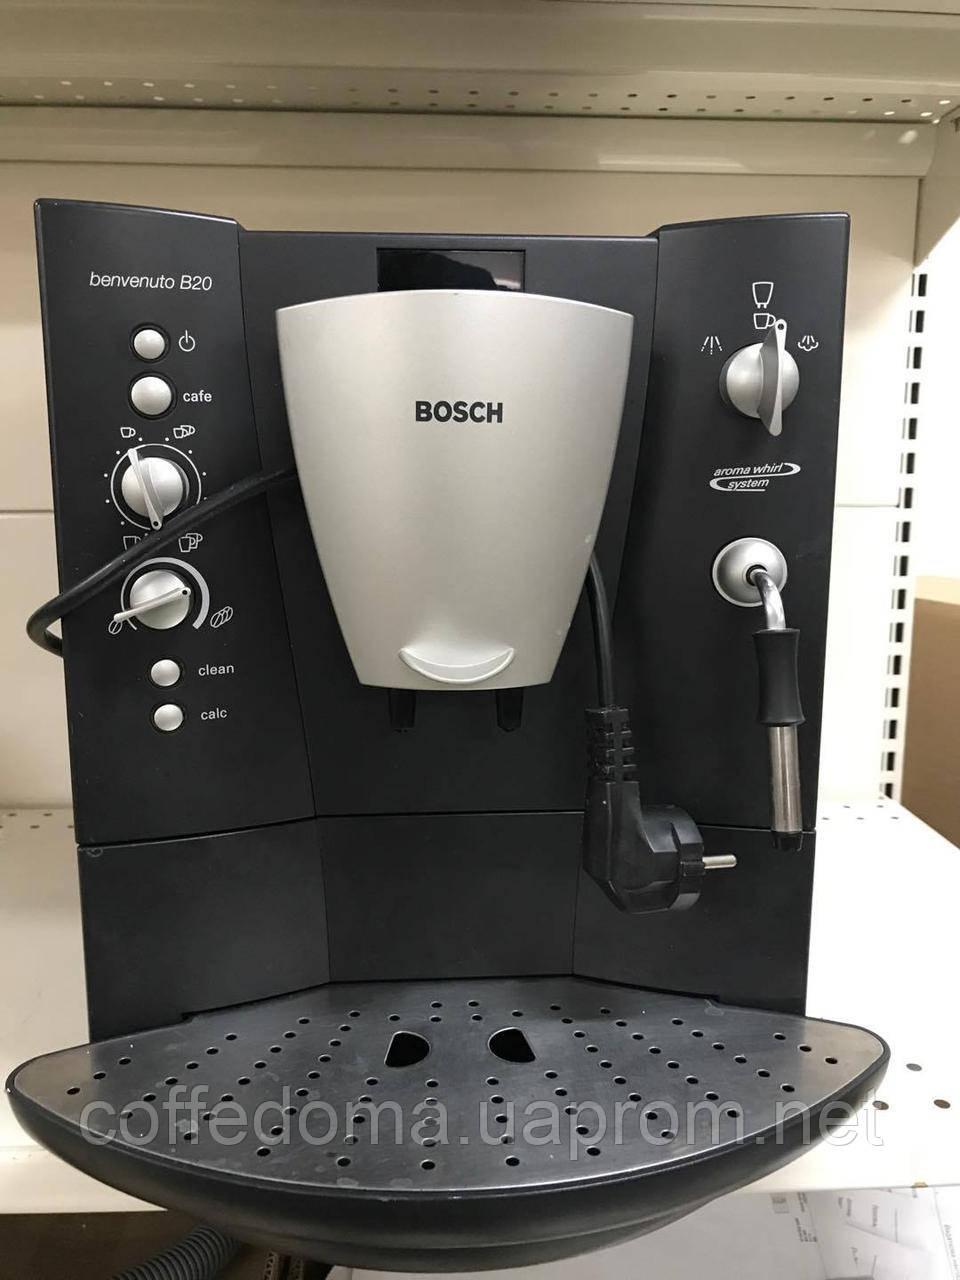 Bosch Benvenuto b20 автоматическая кофемашина